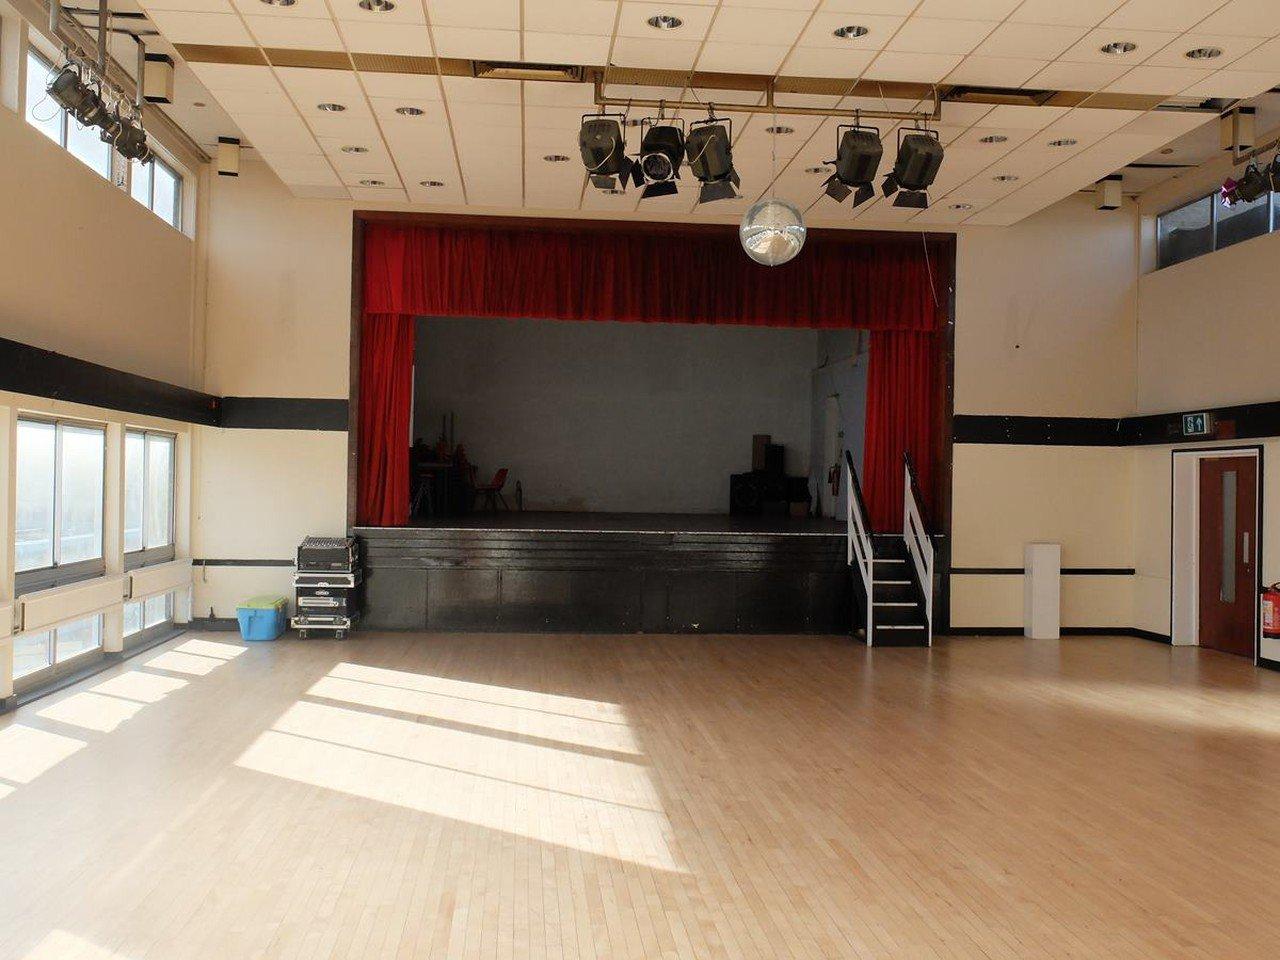 9e3cabb49799 London workshop spaces Auditorium The Rose Lipman Building - Hall image 0